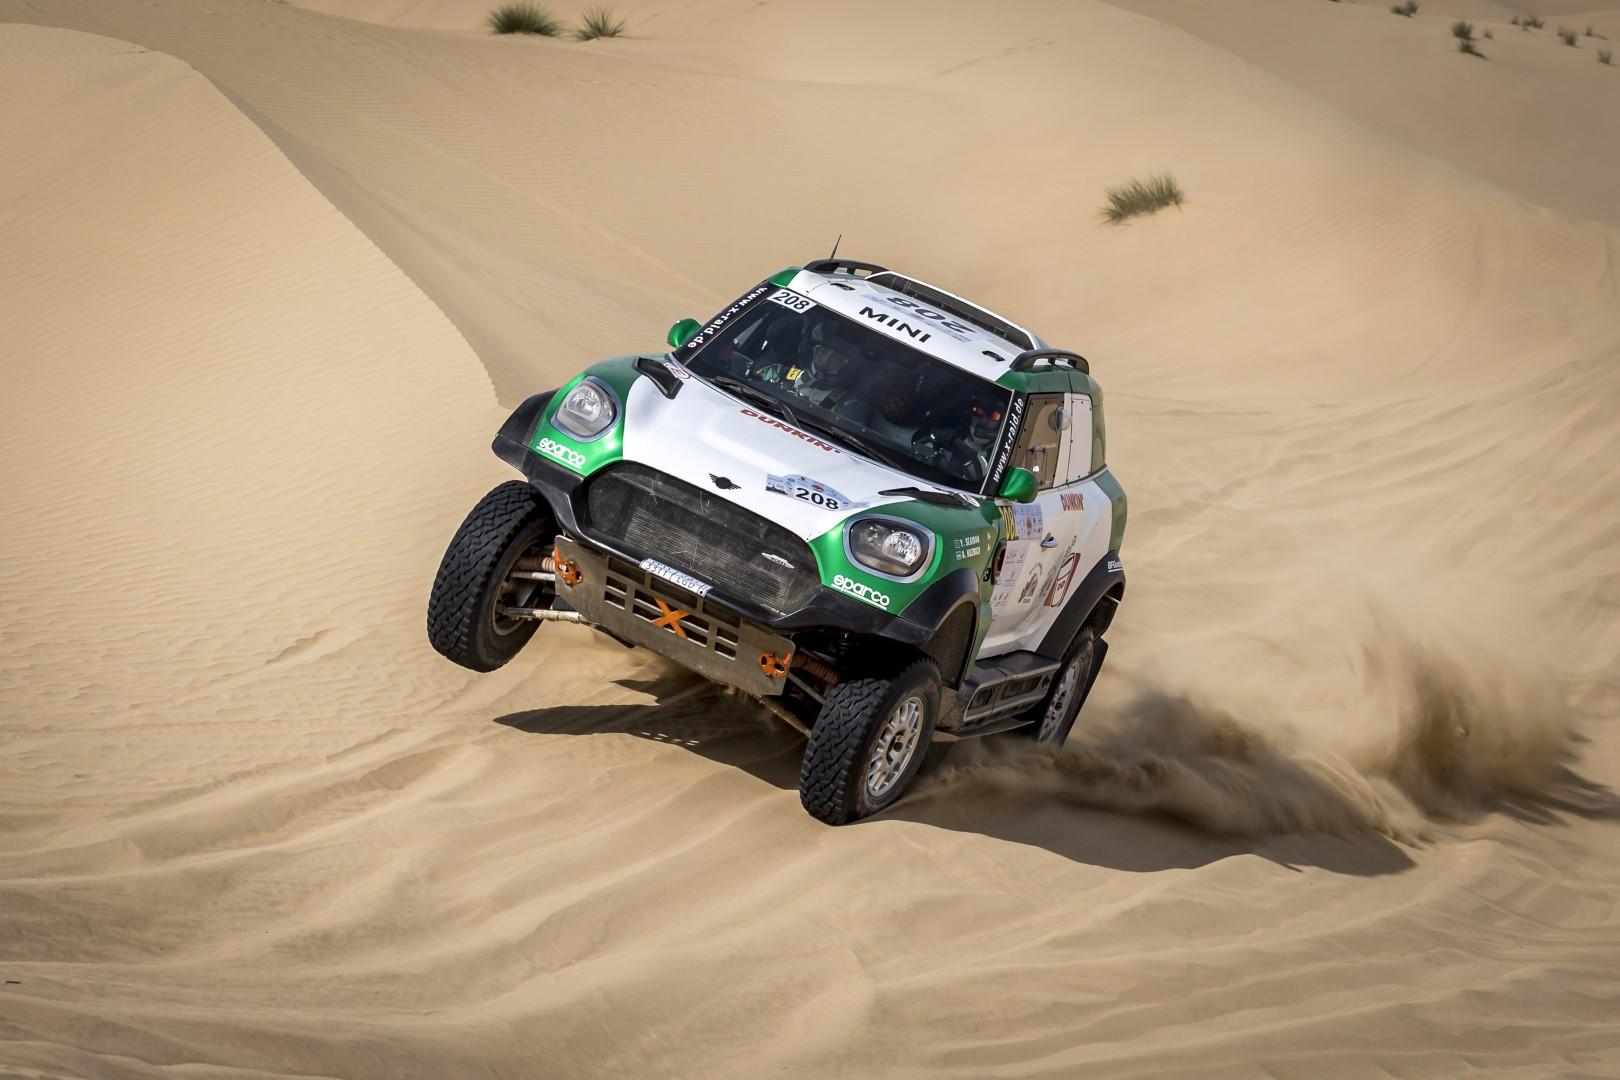 السعودي يزيد الراجحي يتصدر القسم الأول من رالي دبي الصحراوي وخالد القاسمي في المركز الثالث